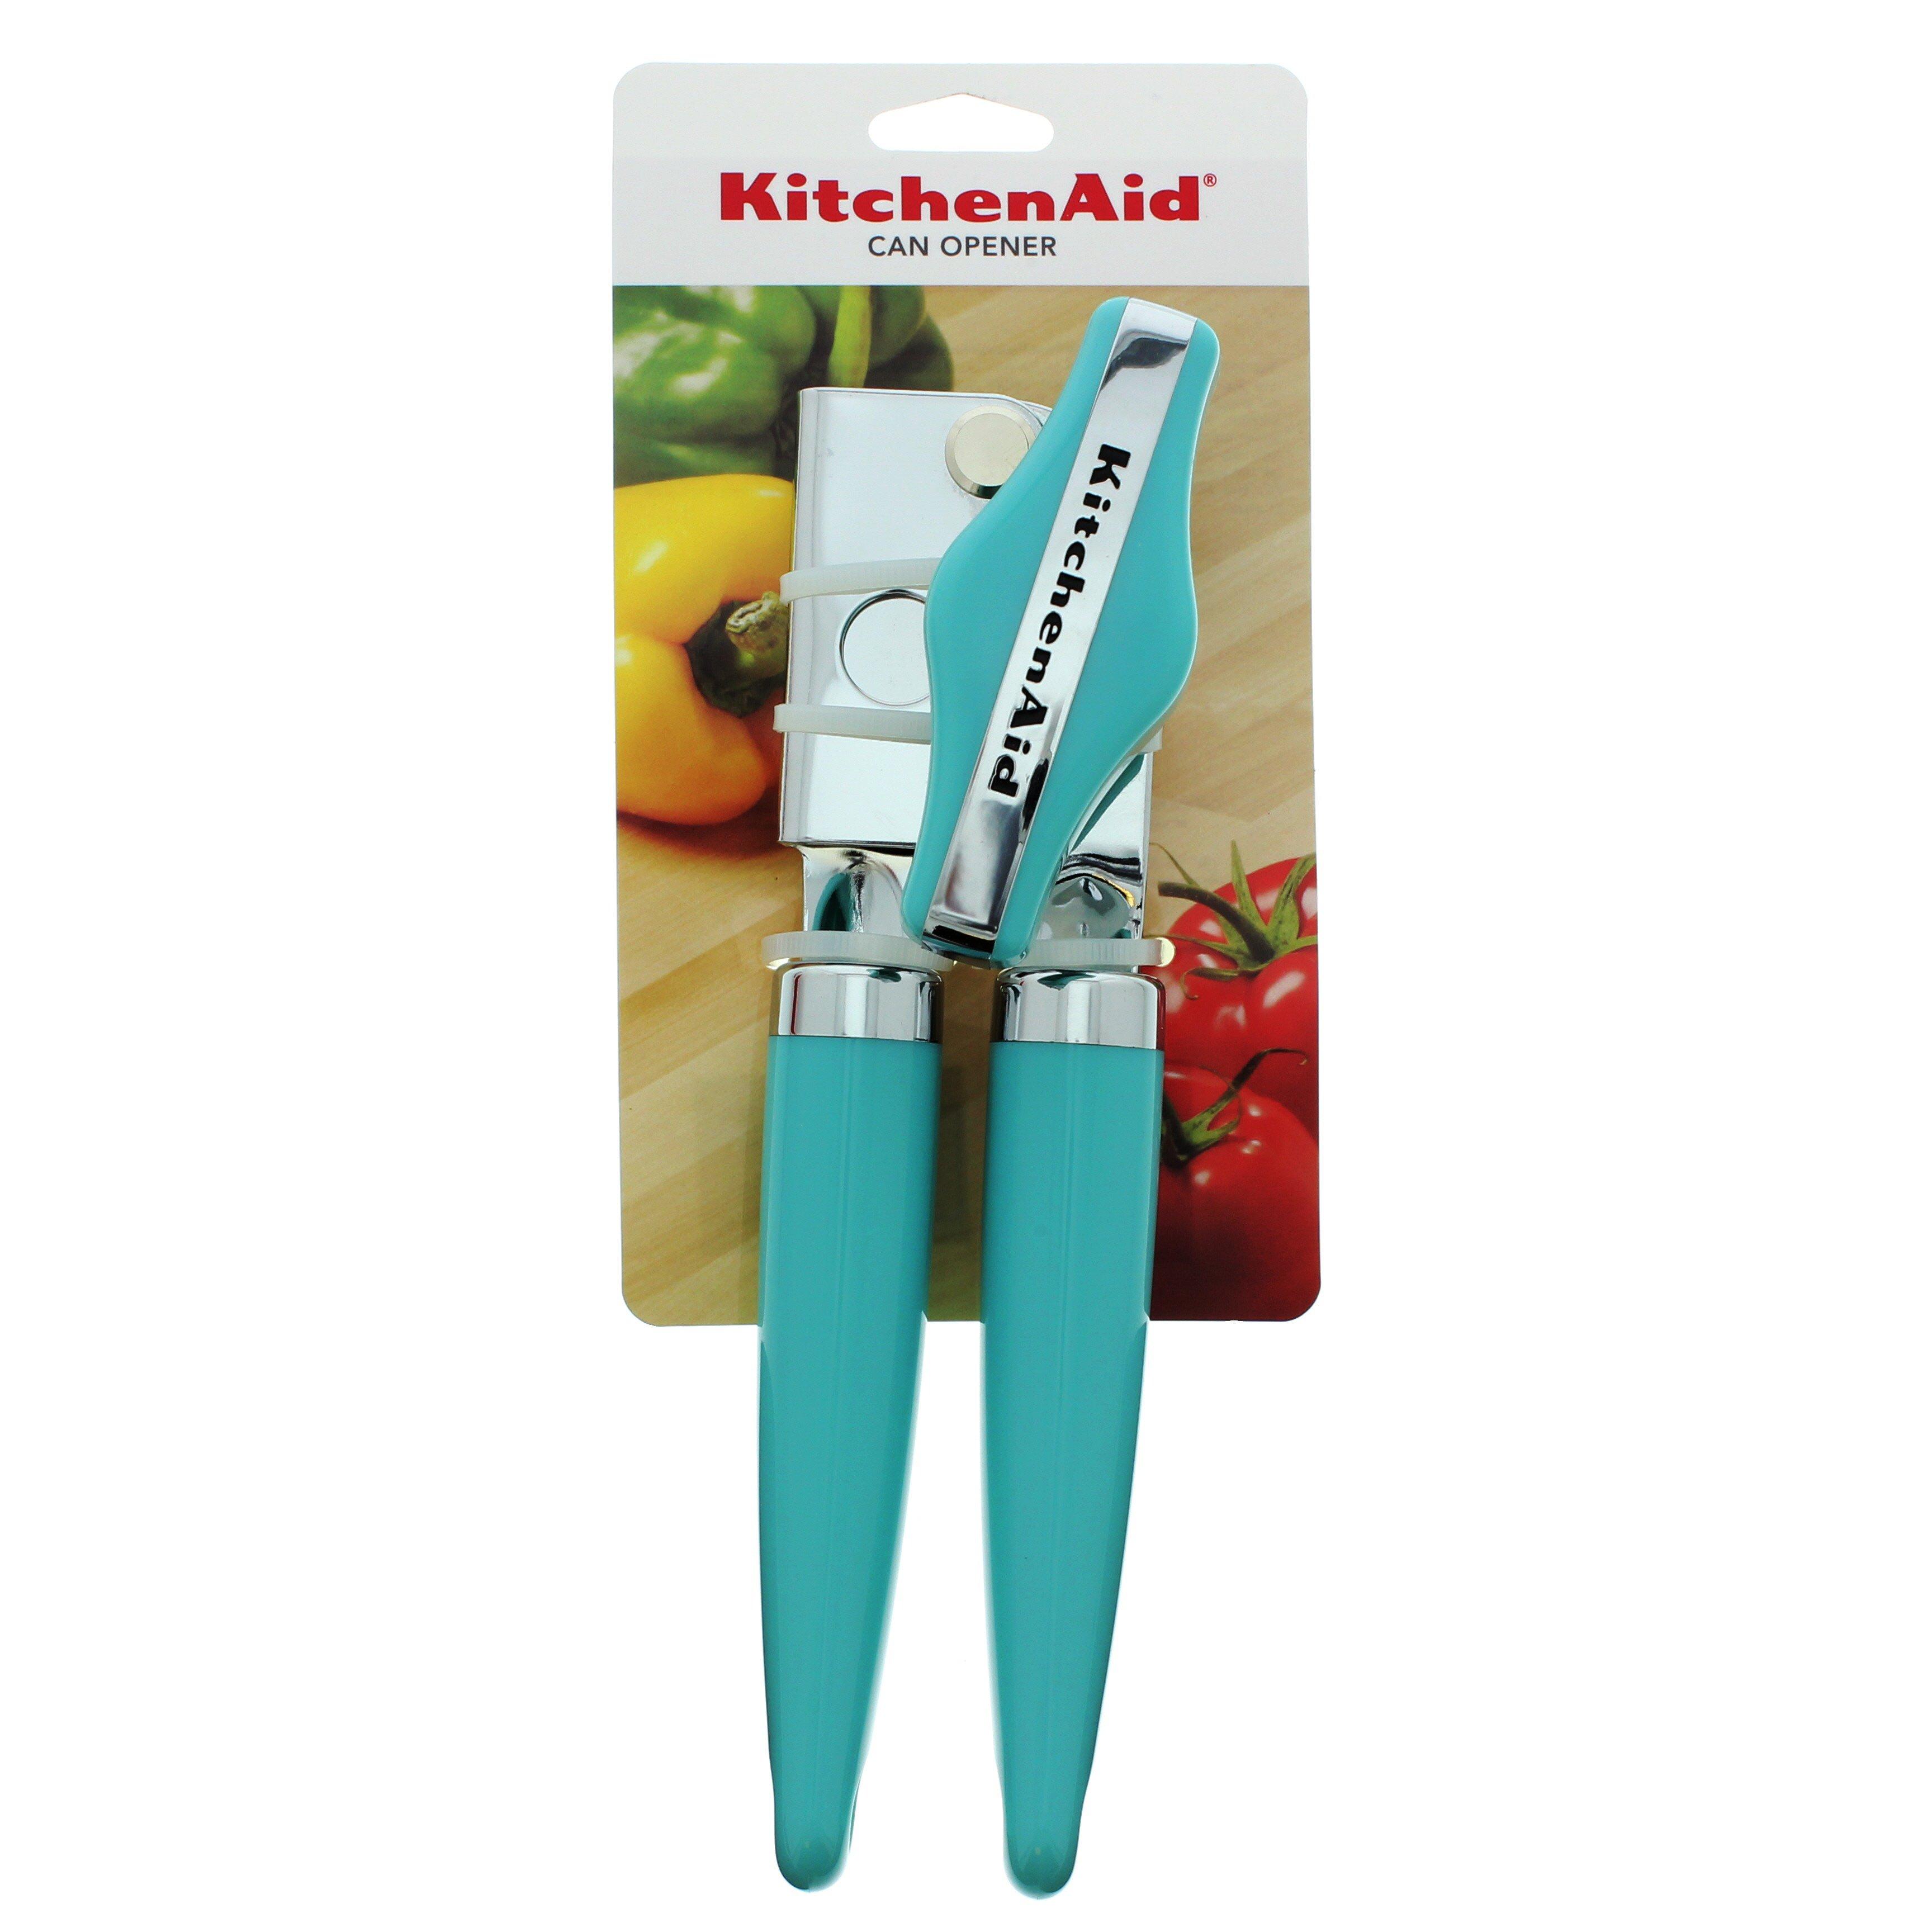 KitchenAid Aqua Sky Can Opener - Shop Cooking Tools at HEB